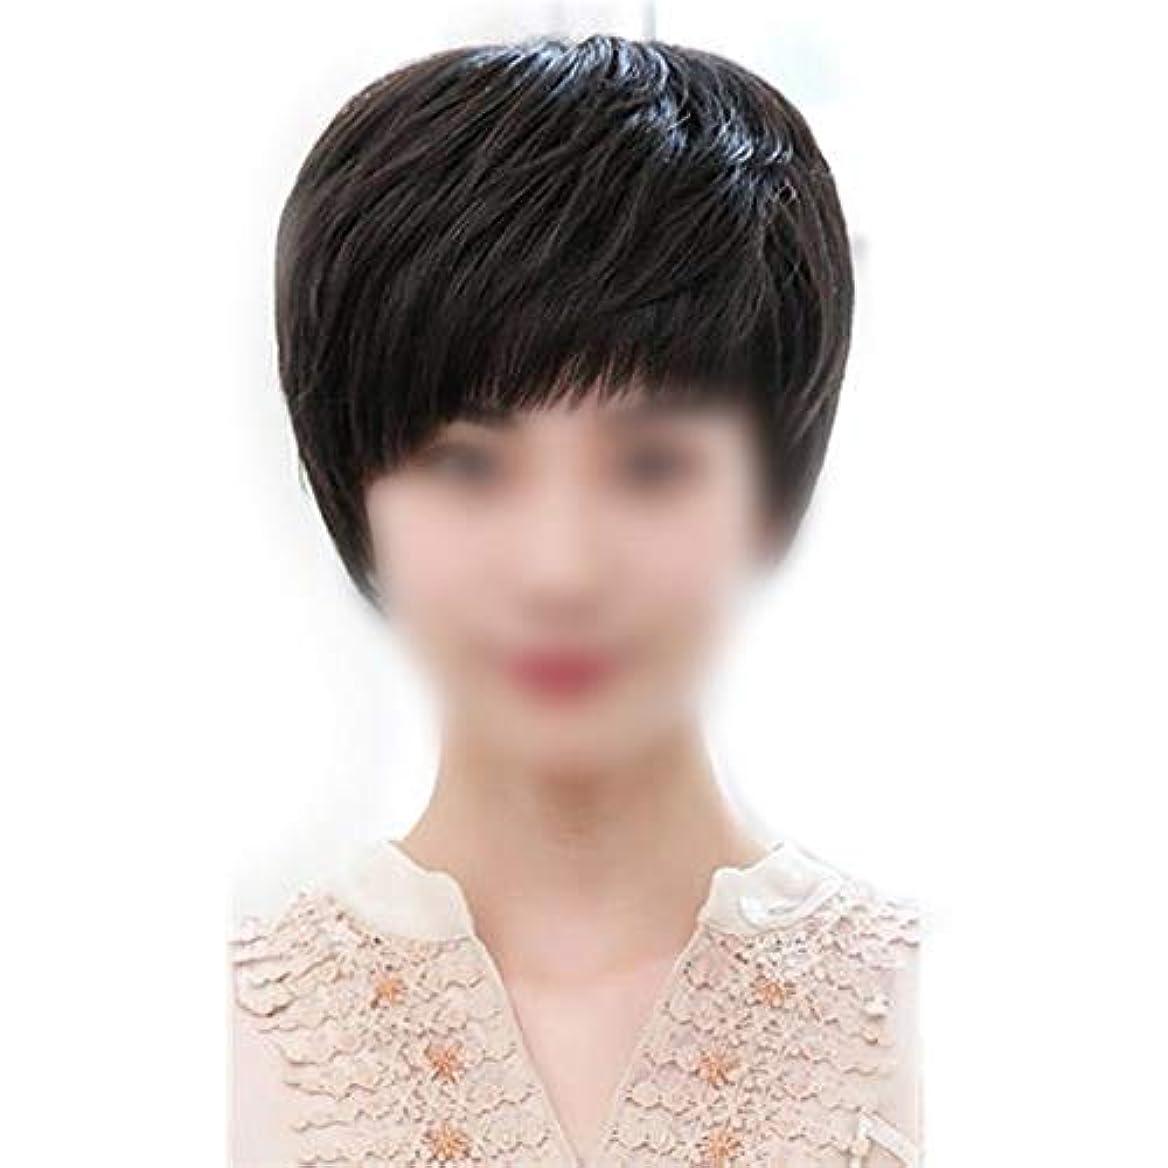 つまずく負ビルYOUQIU 中年ウィッグ女性の自然な手織りの実髪ショートカーリーヘアウィッグ (色 : Natural black)